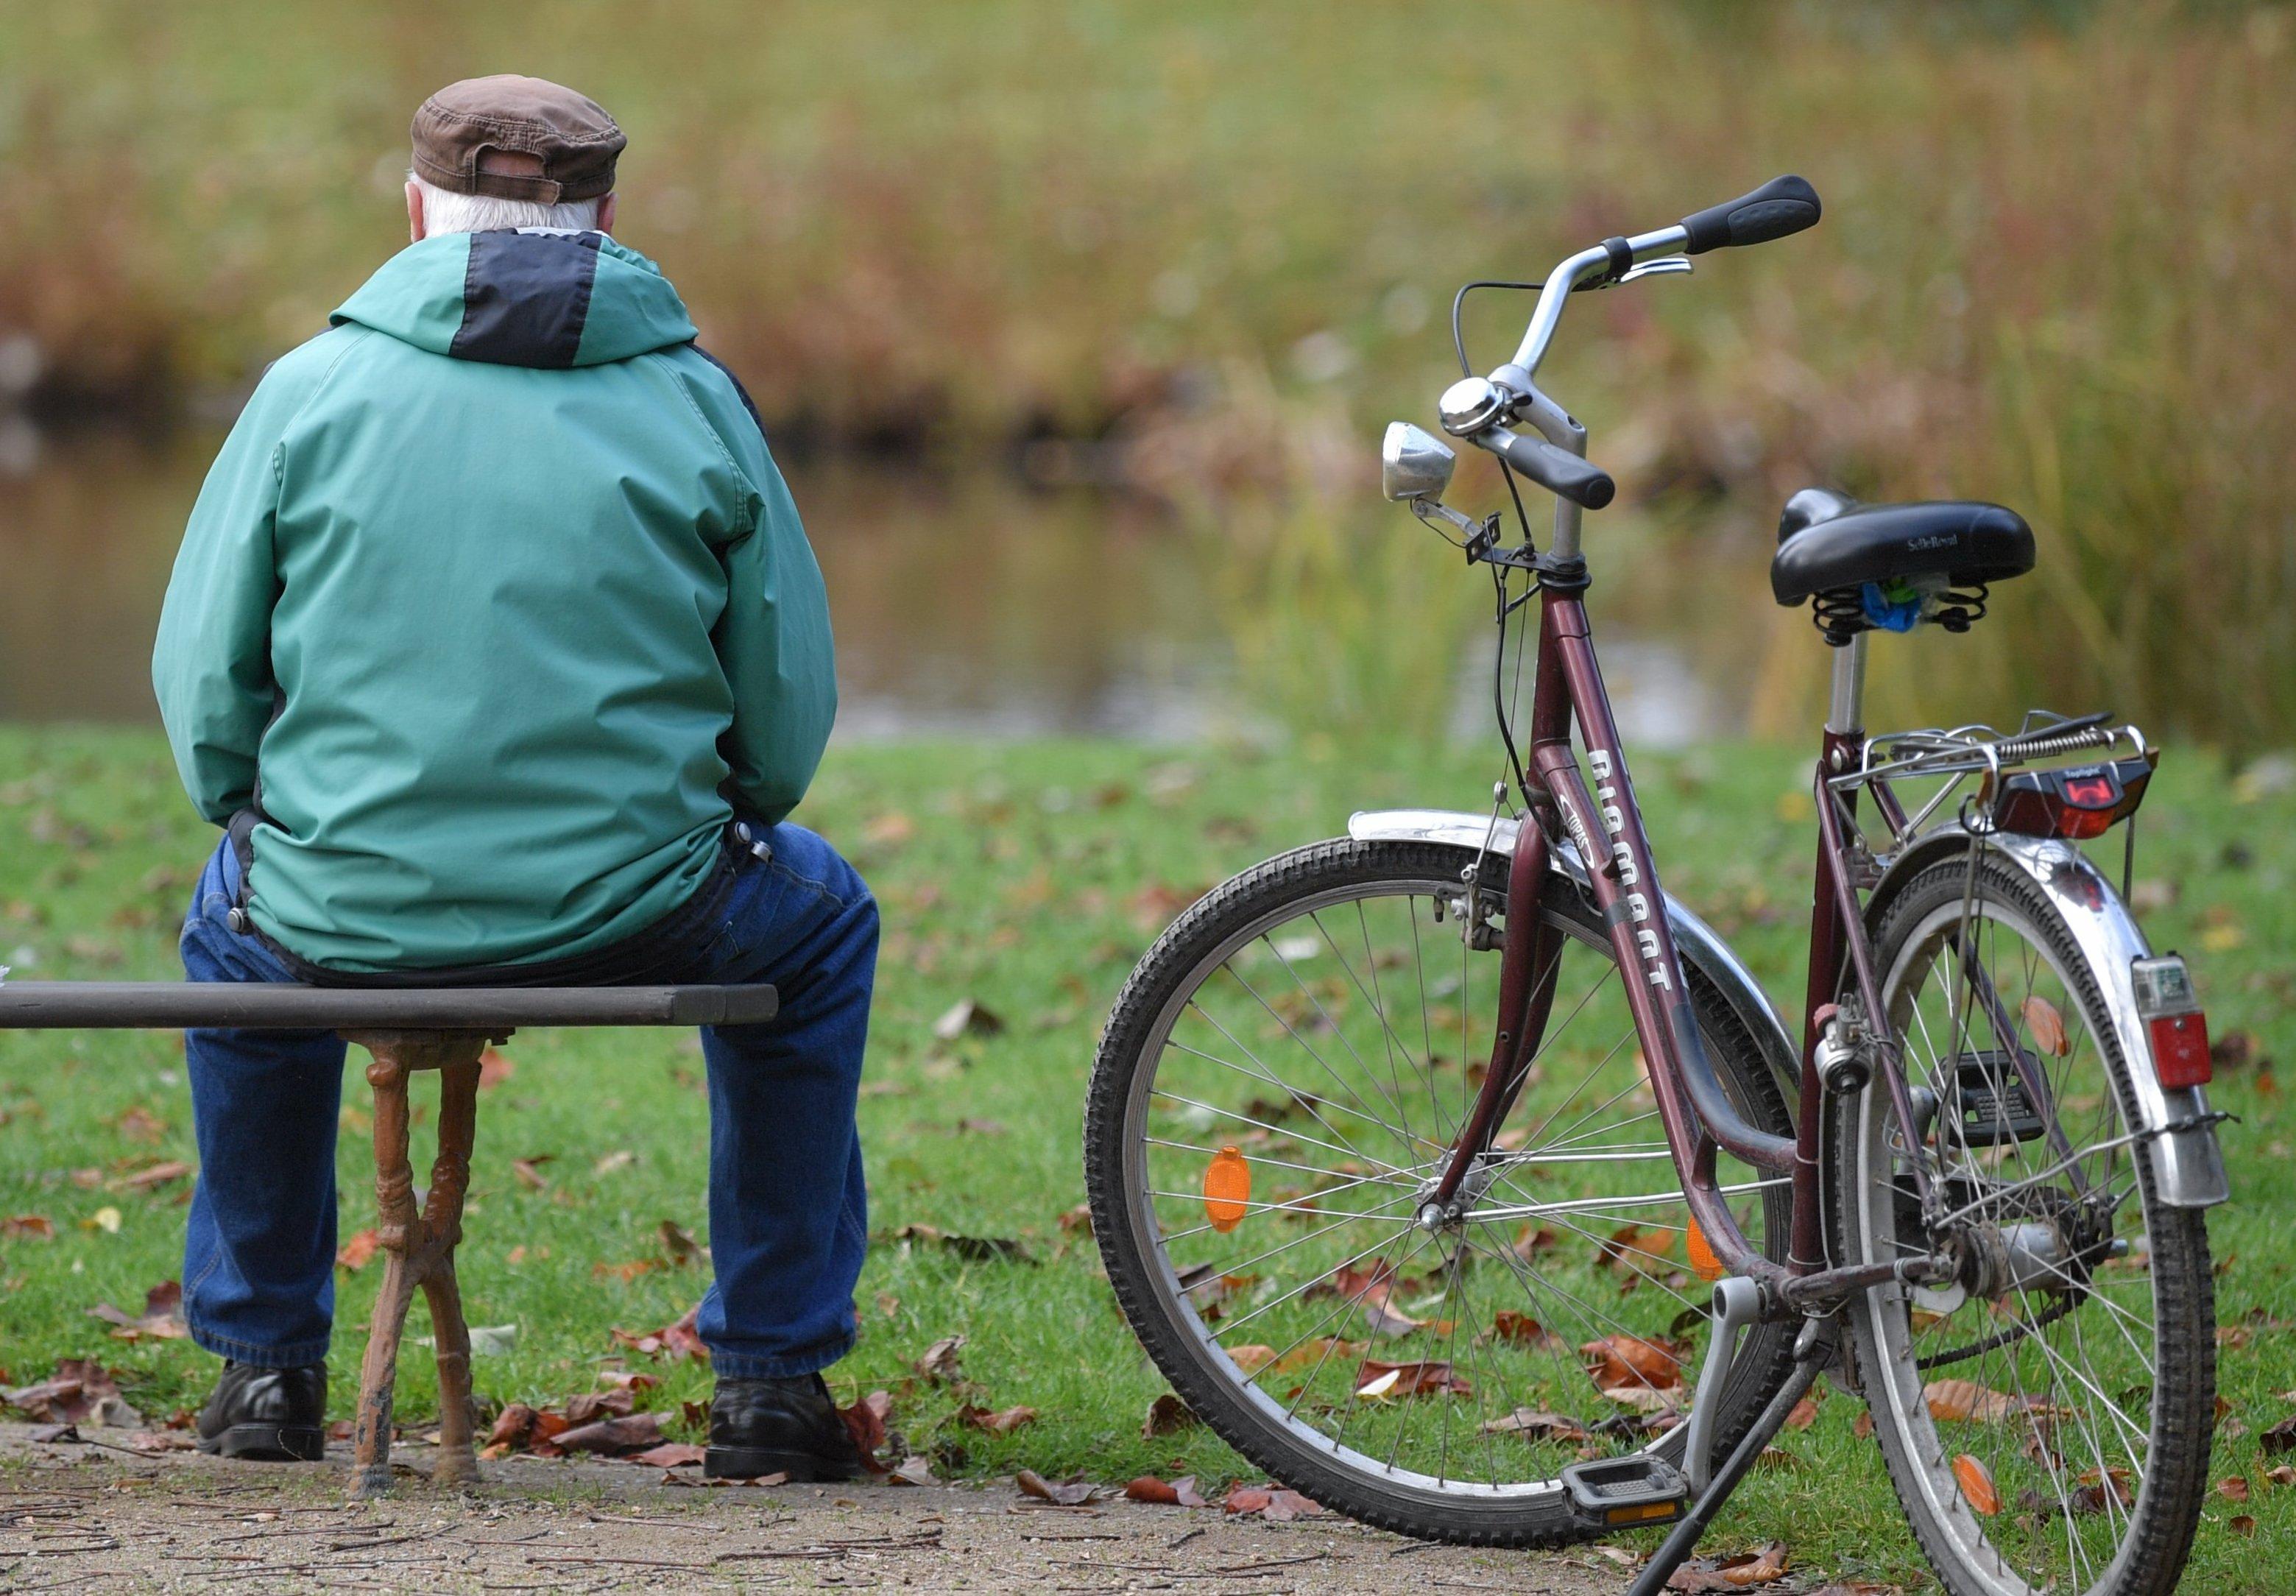 Nach jahrelangen Rentensteigerungen fällt die sonst im Sommer übliche Erhöhung der Altersbezüge in diesem Jahr im Westen Deutschlands aus.